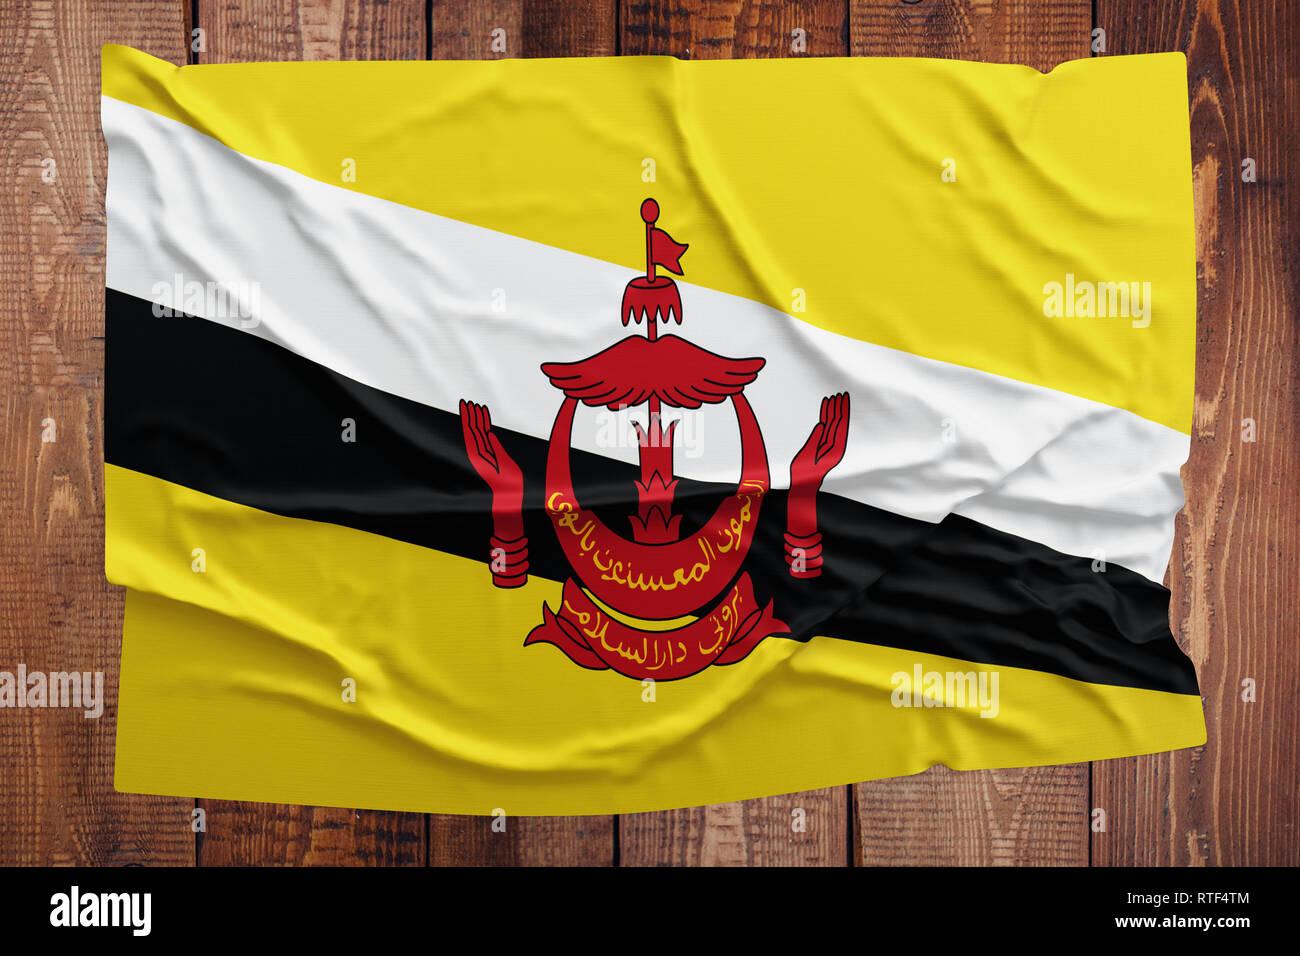 Bandiera del Brunei su una tavola di legno dello sfondo. Bruneian stropicciata bandiera vista dall'alto. Immagini Stock